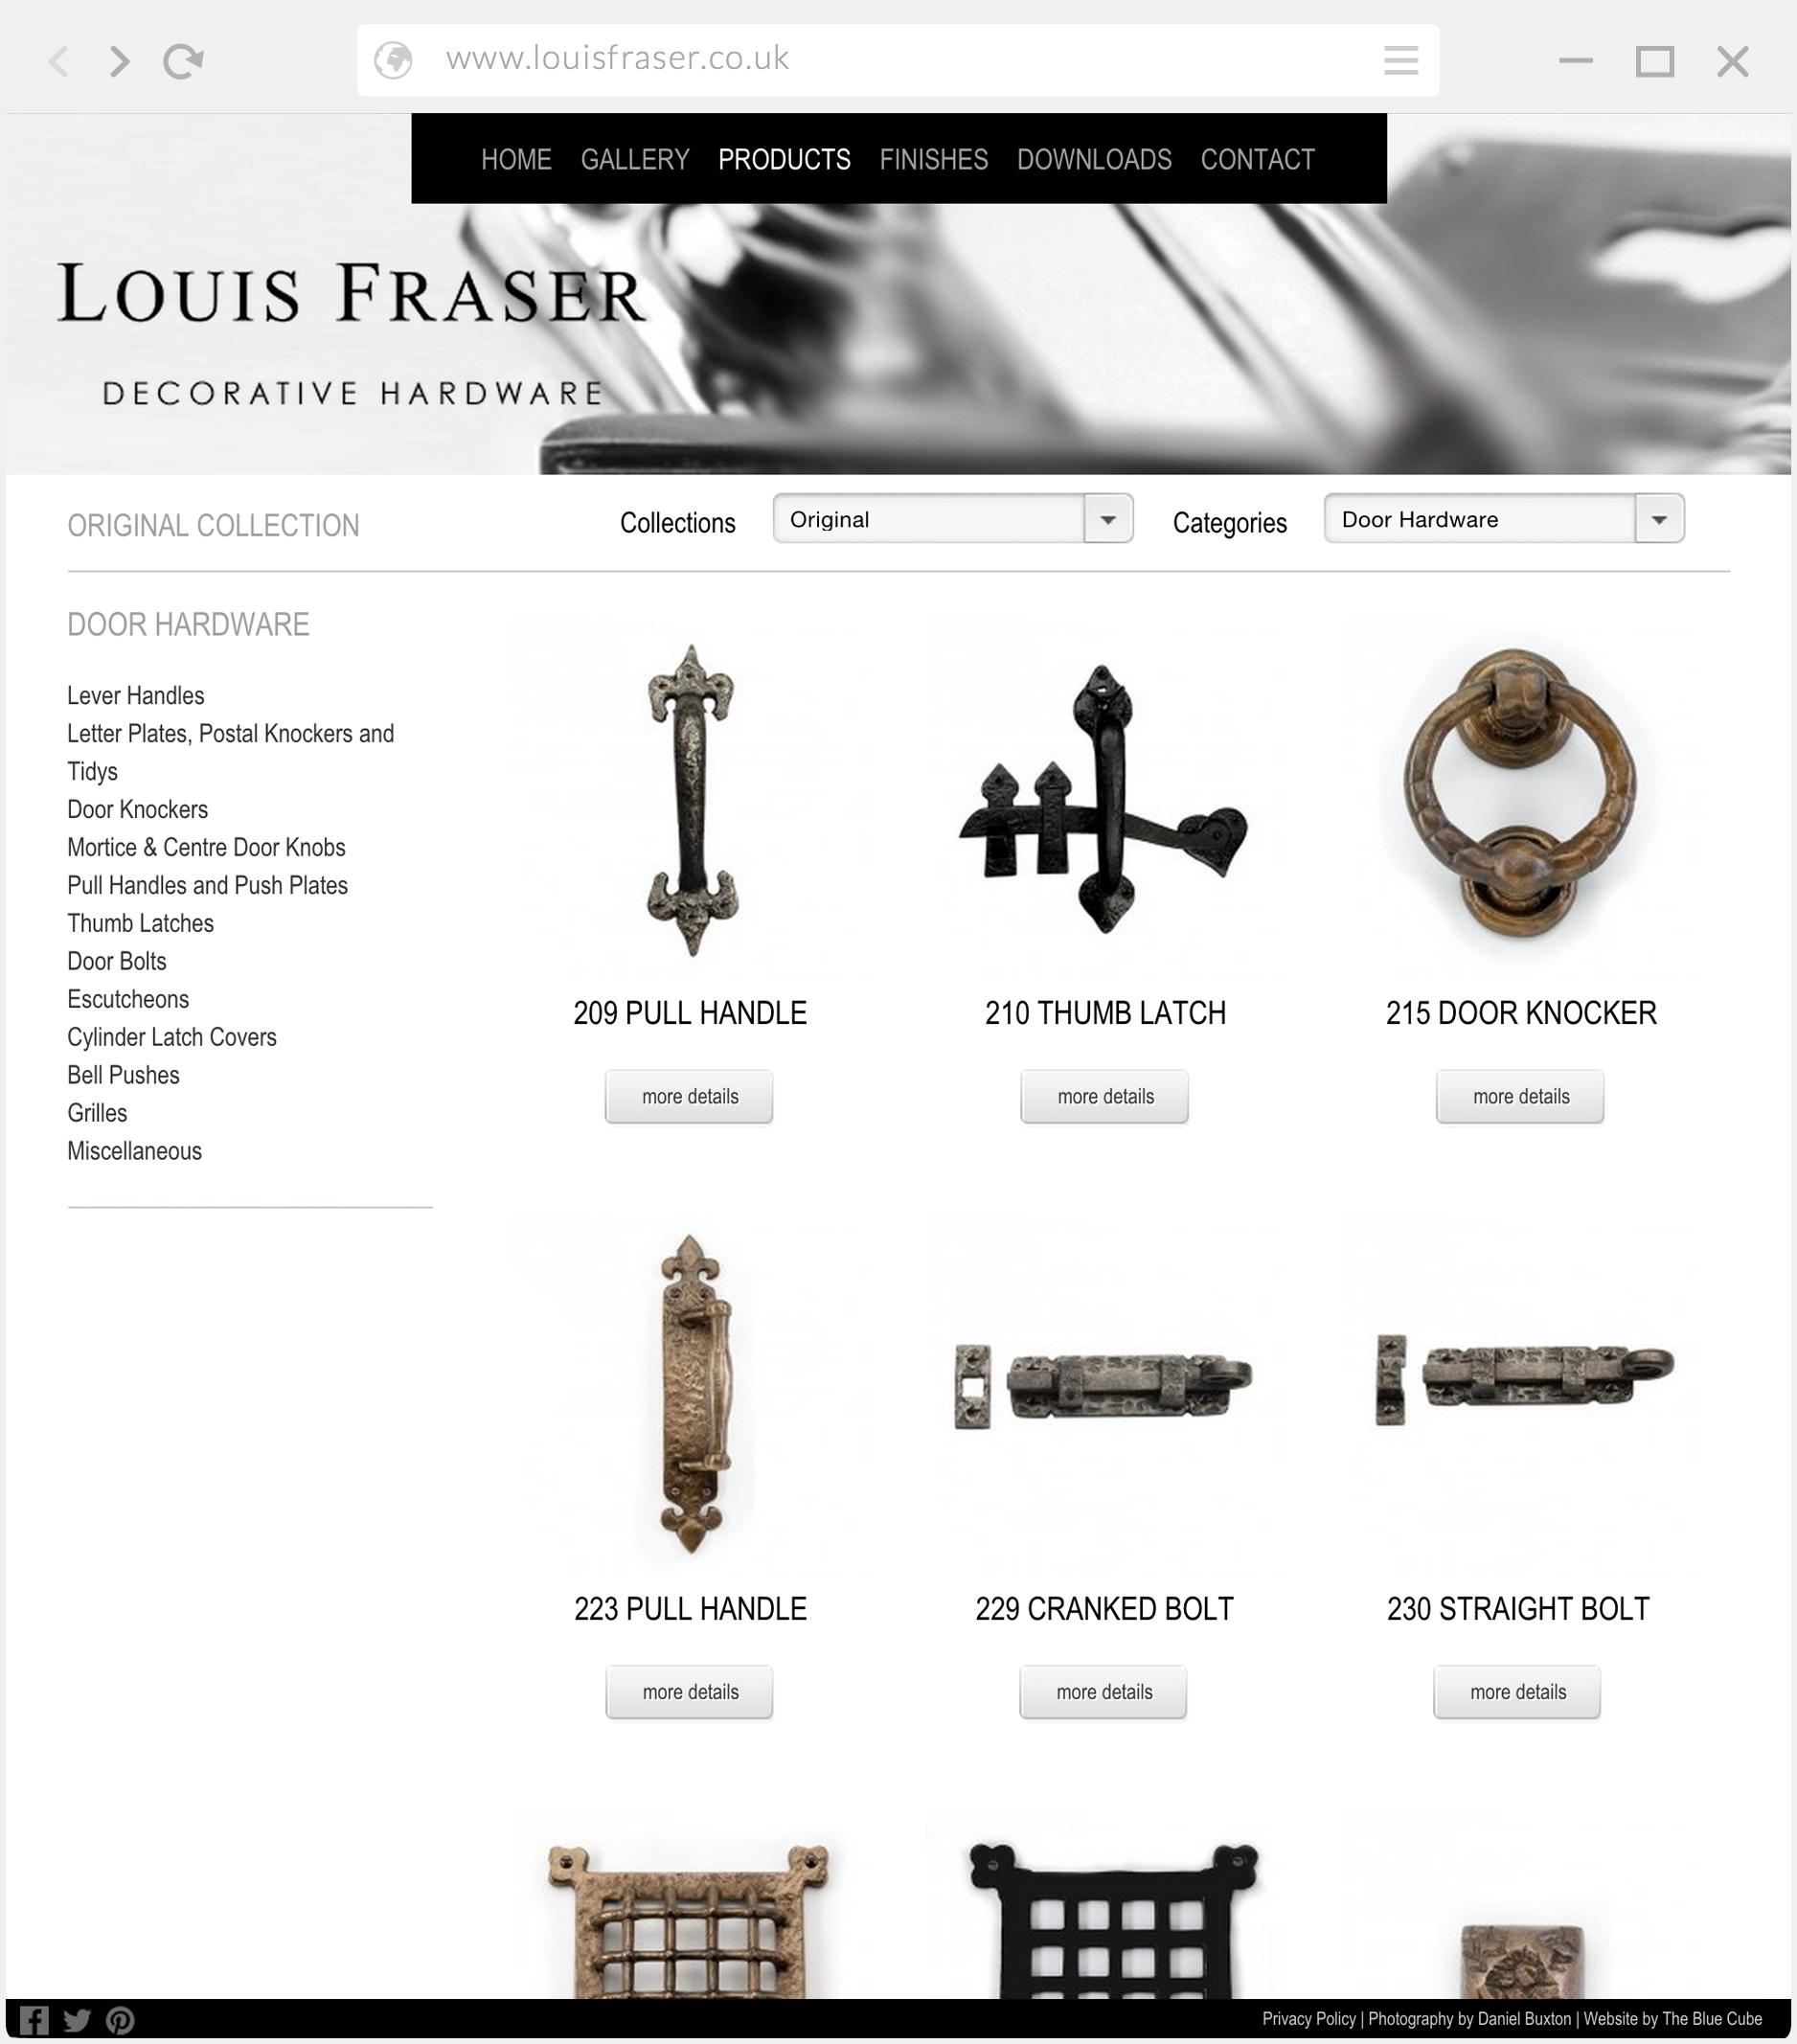 LouisFraser